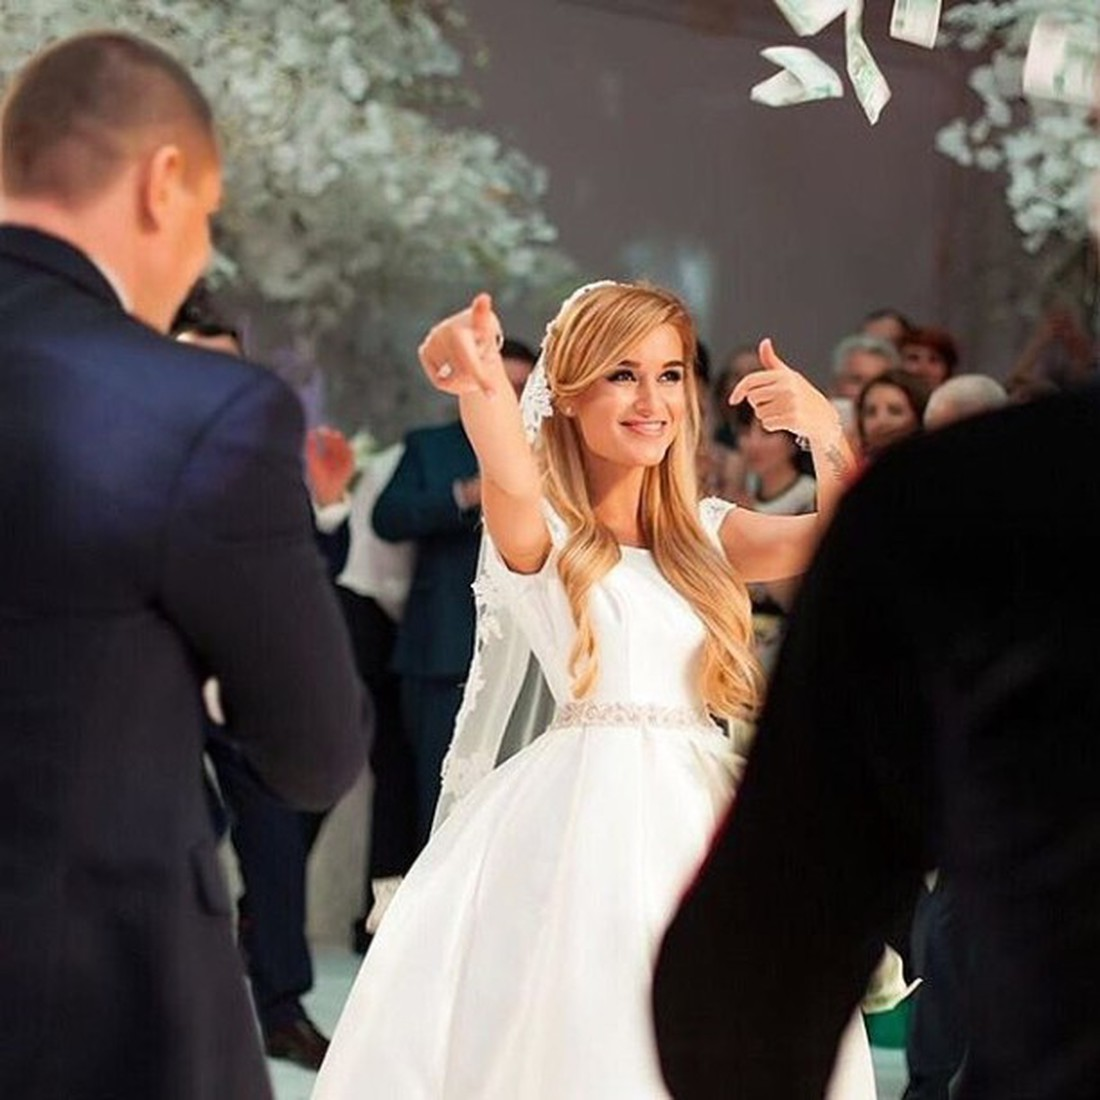 Свадьба ксения бородина курбан омаров фото